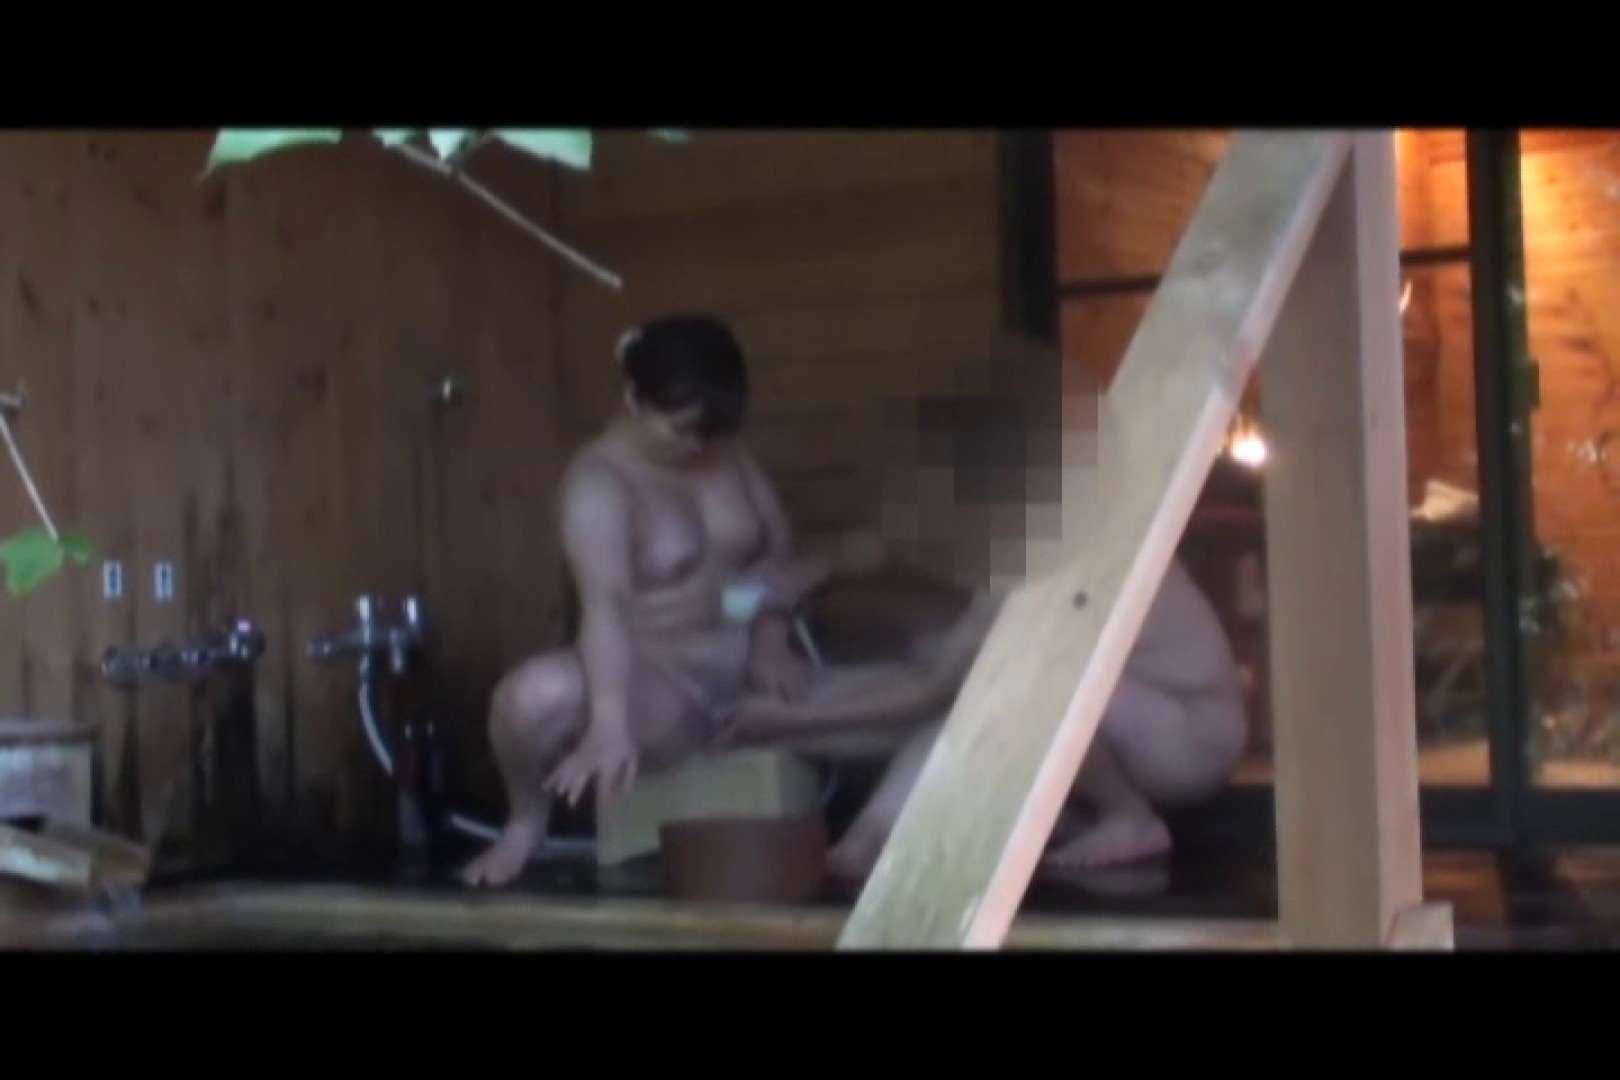 貸切露天 発情カップル! vol.03 カップルのセックス | 露天風呂の女達  24連発 21